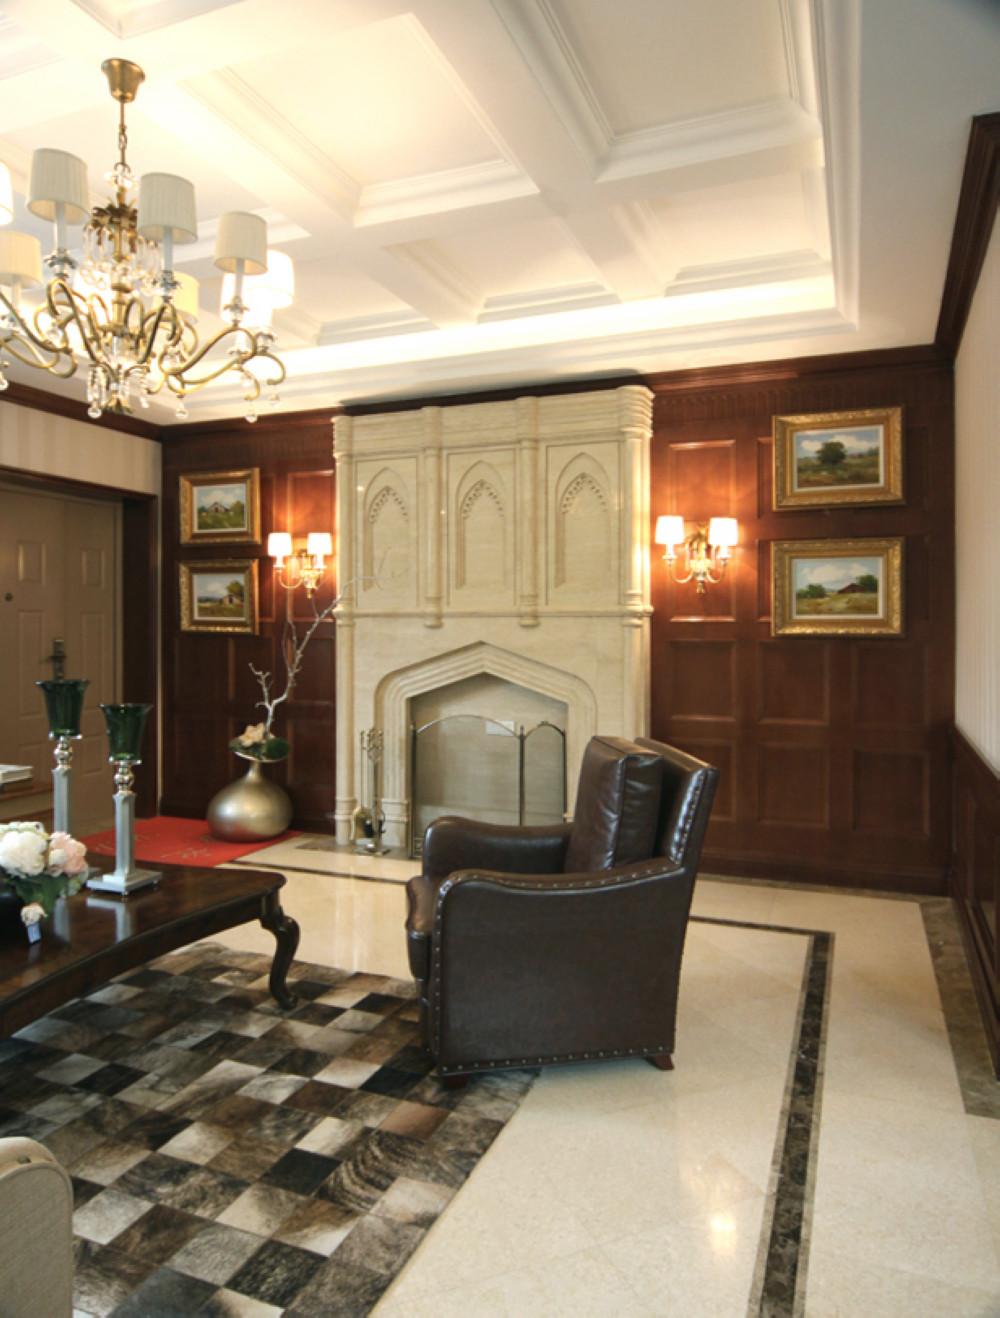 英式风格别墅装修壁炉设计